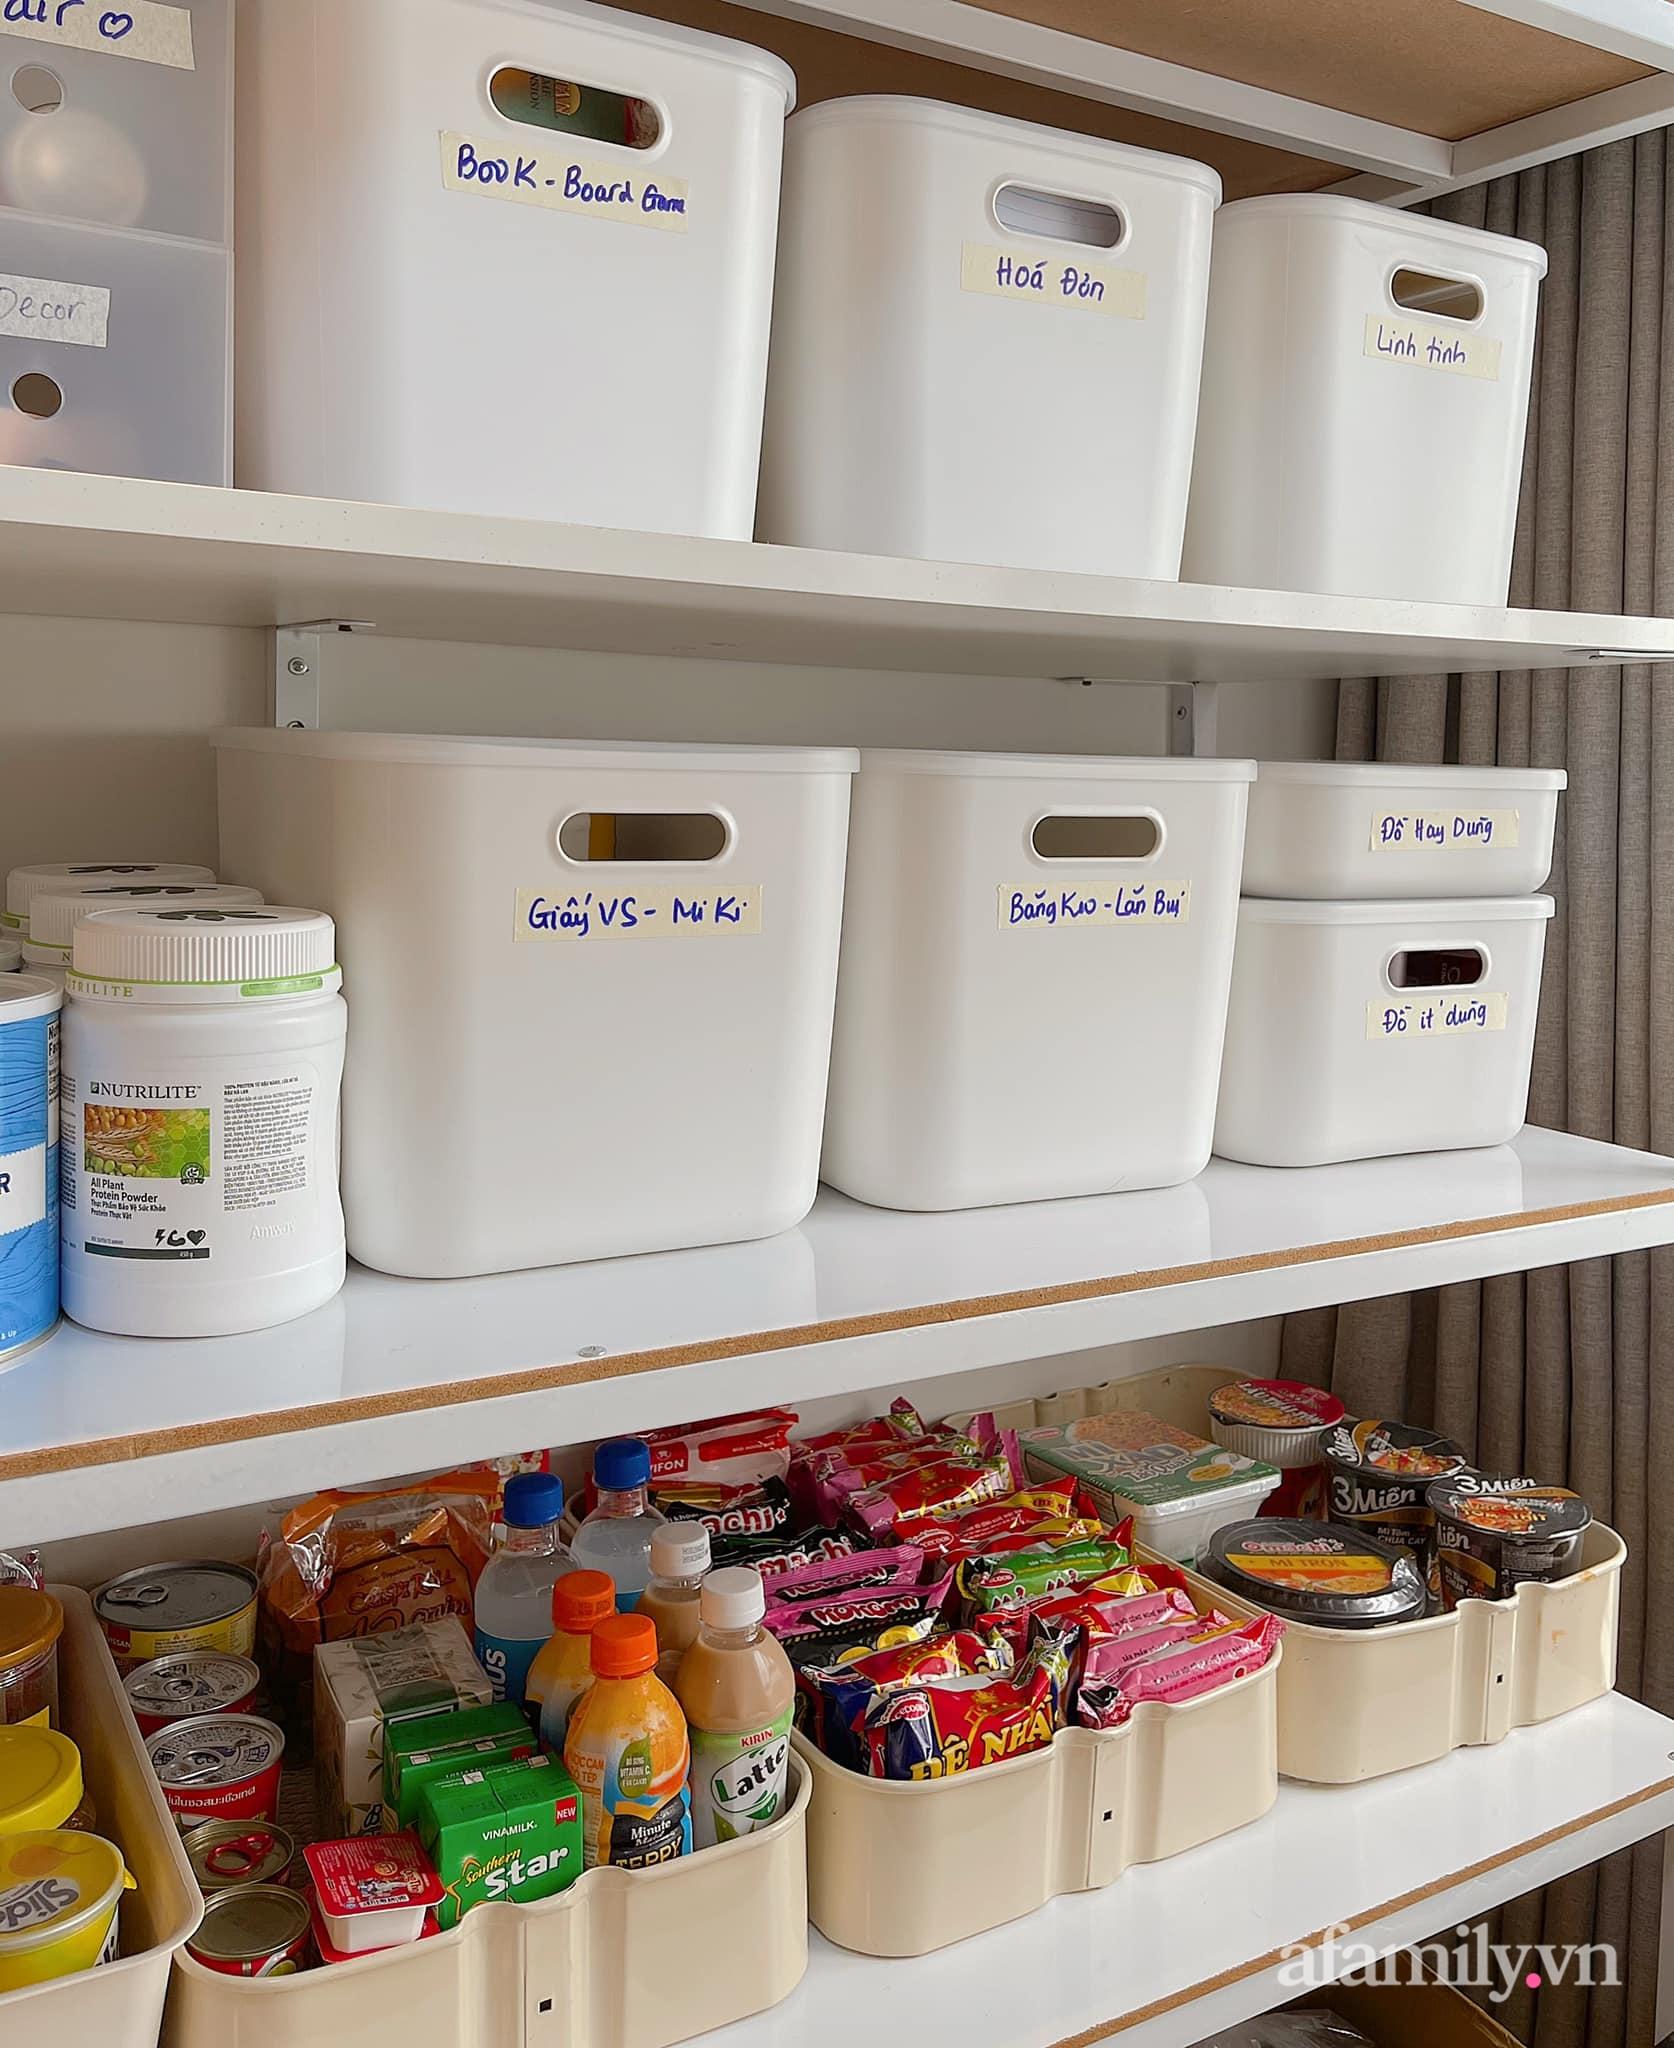 Mẹ ở Sài Gòn sử dụng phụ kiện nhỏ mà hô biến góc lưu trữ cho ngôi nhà gọn gàng, tinh tươm chỉ từ 129k - Ảnh 4.